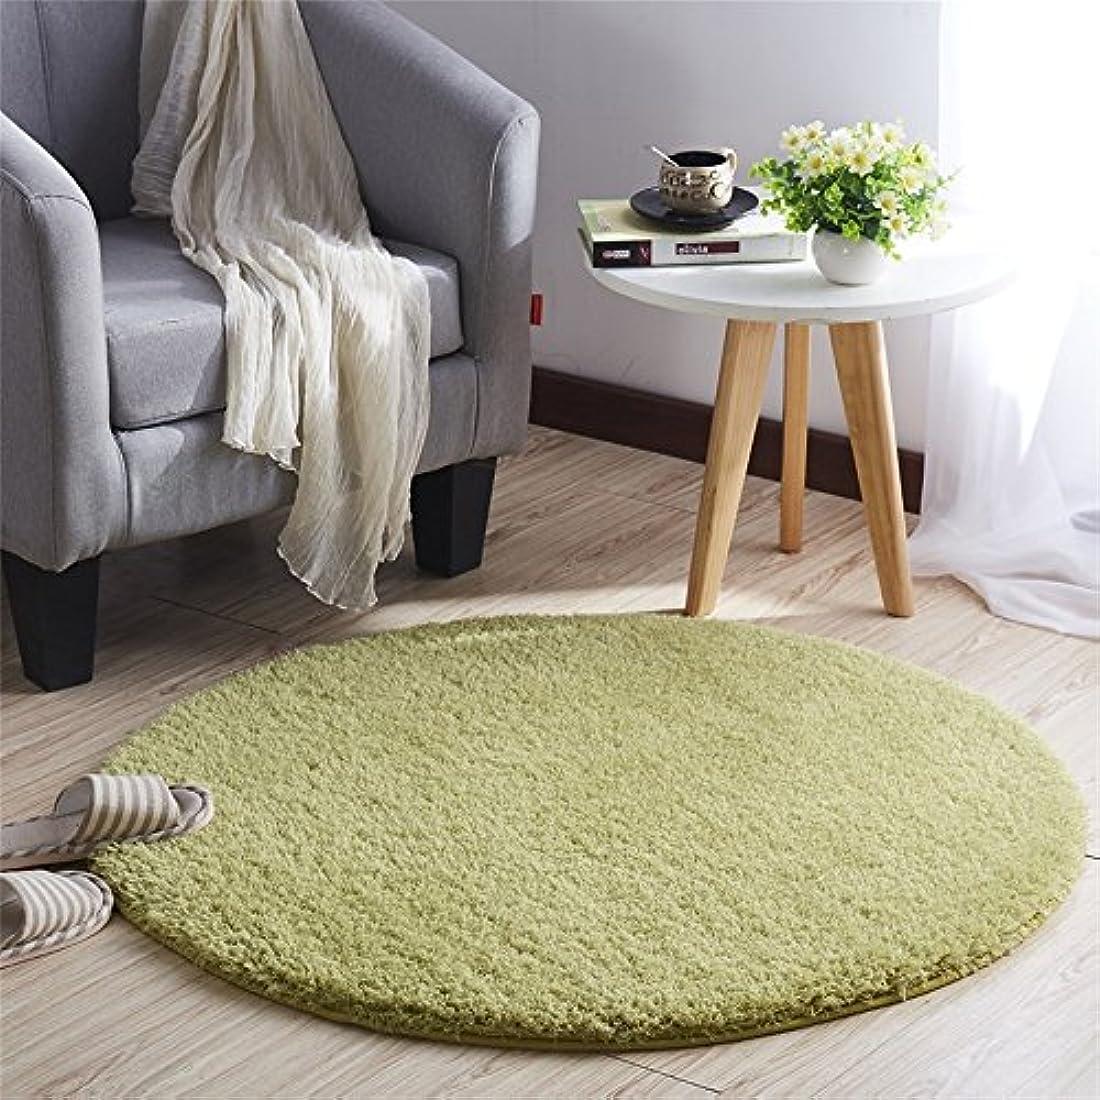 コンサルタントバレーボールカルシウムCLAXAM 一瞬だけでとろけそう~!ラブリーシャギーラグ 丸い絨毯 極上の繊細さと柔らかさ、サラサラな質感で、あなたの欠かせない家飾りの味方 (80cm, グラスグリーン)